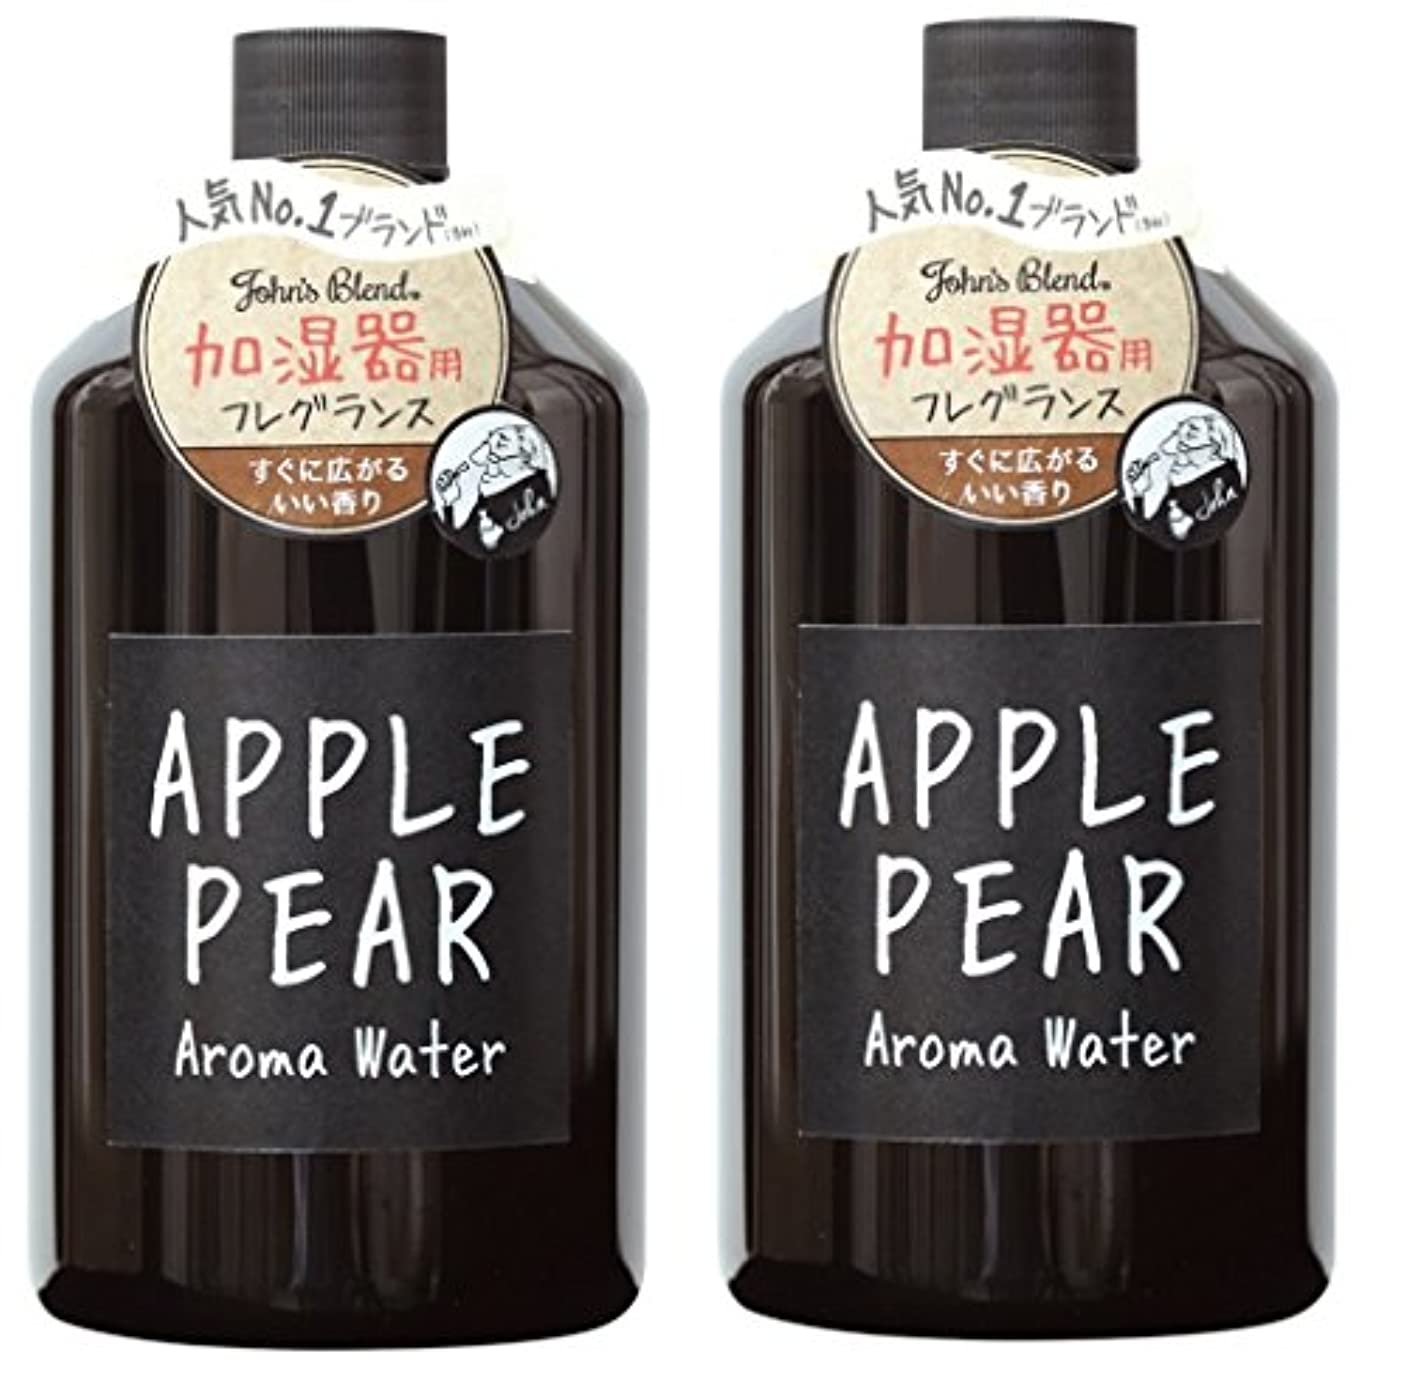 アーティスト大胆不敵黒くする【2個セット】Johns Blend アロマウォーター 加湿器 用 480ml アップルペアー の香り OA-JON-7-4